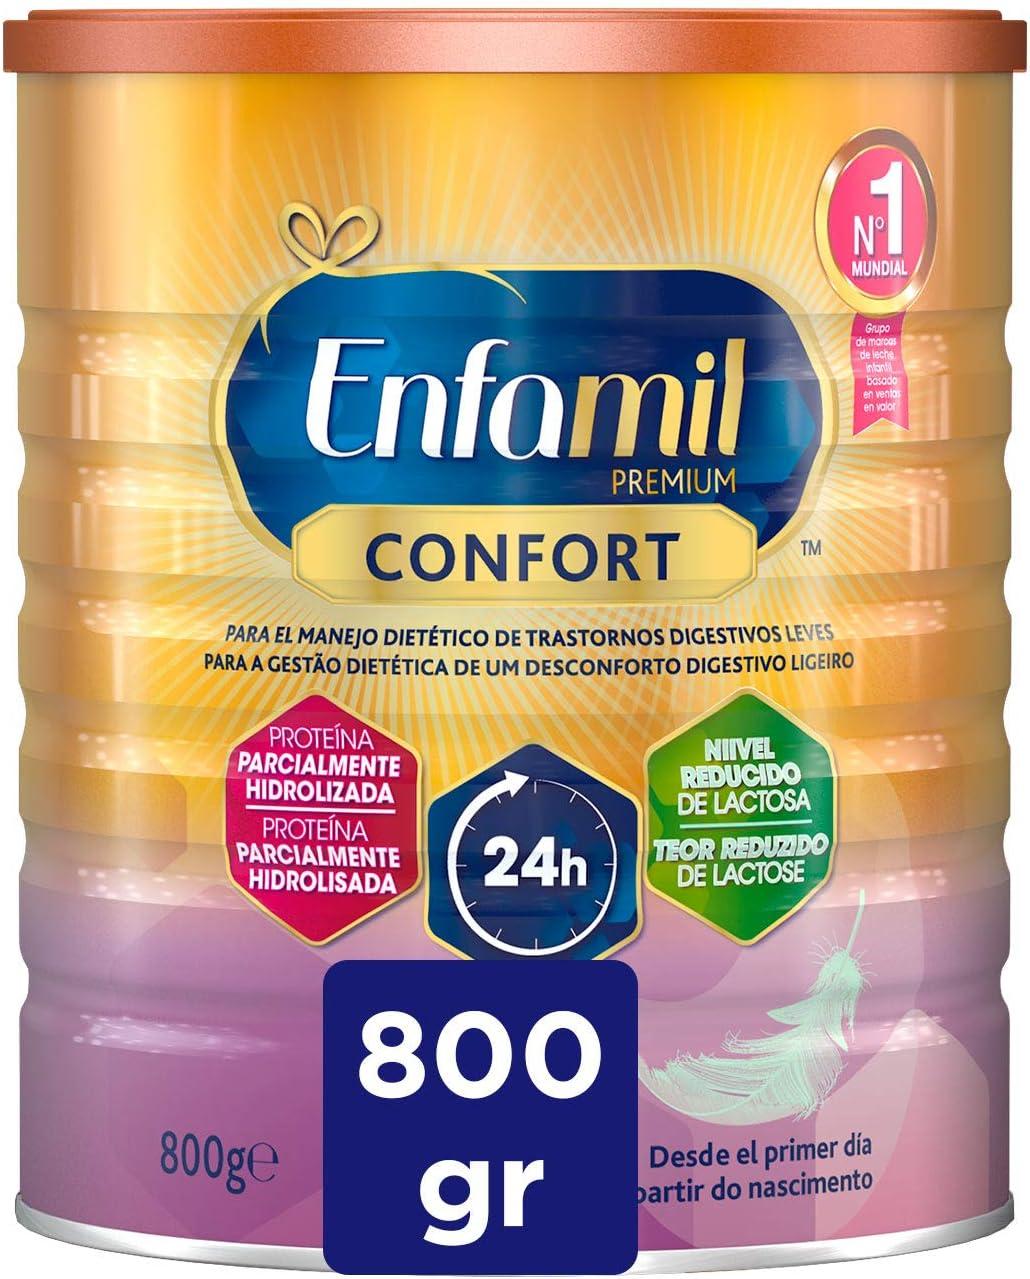 Enfamil Confort Fórmula para Bebés con Trastornos Digestivos - 800 g